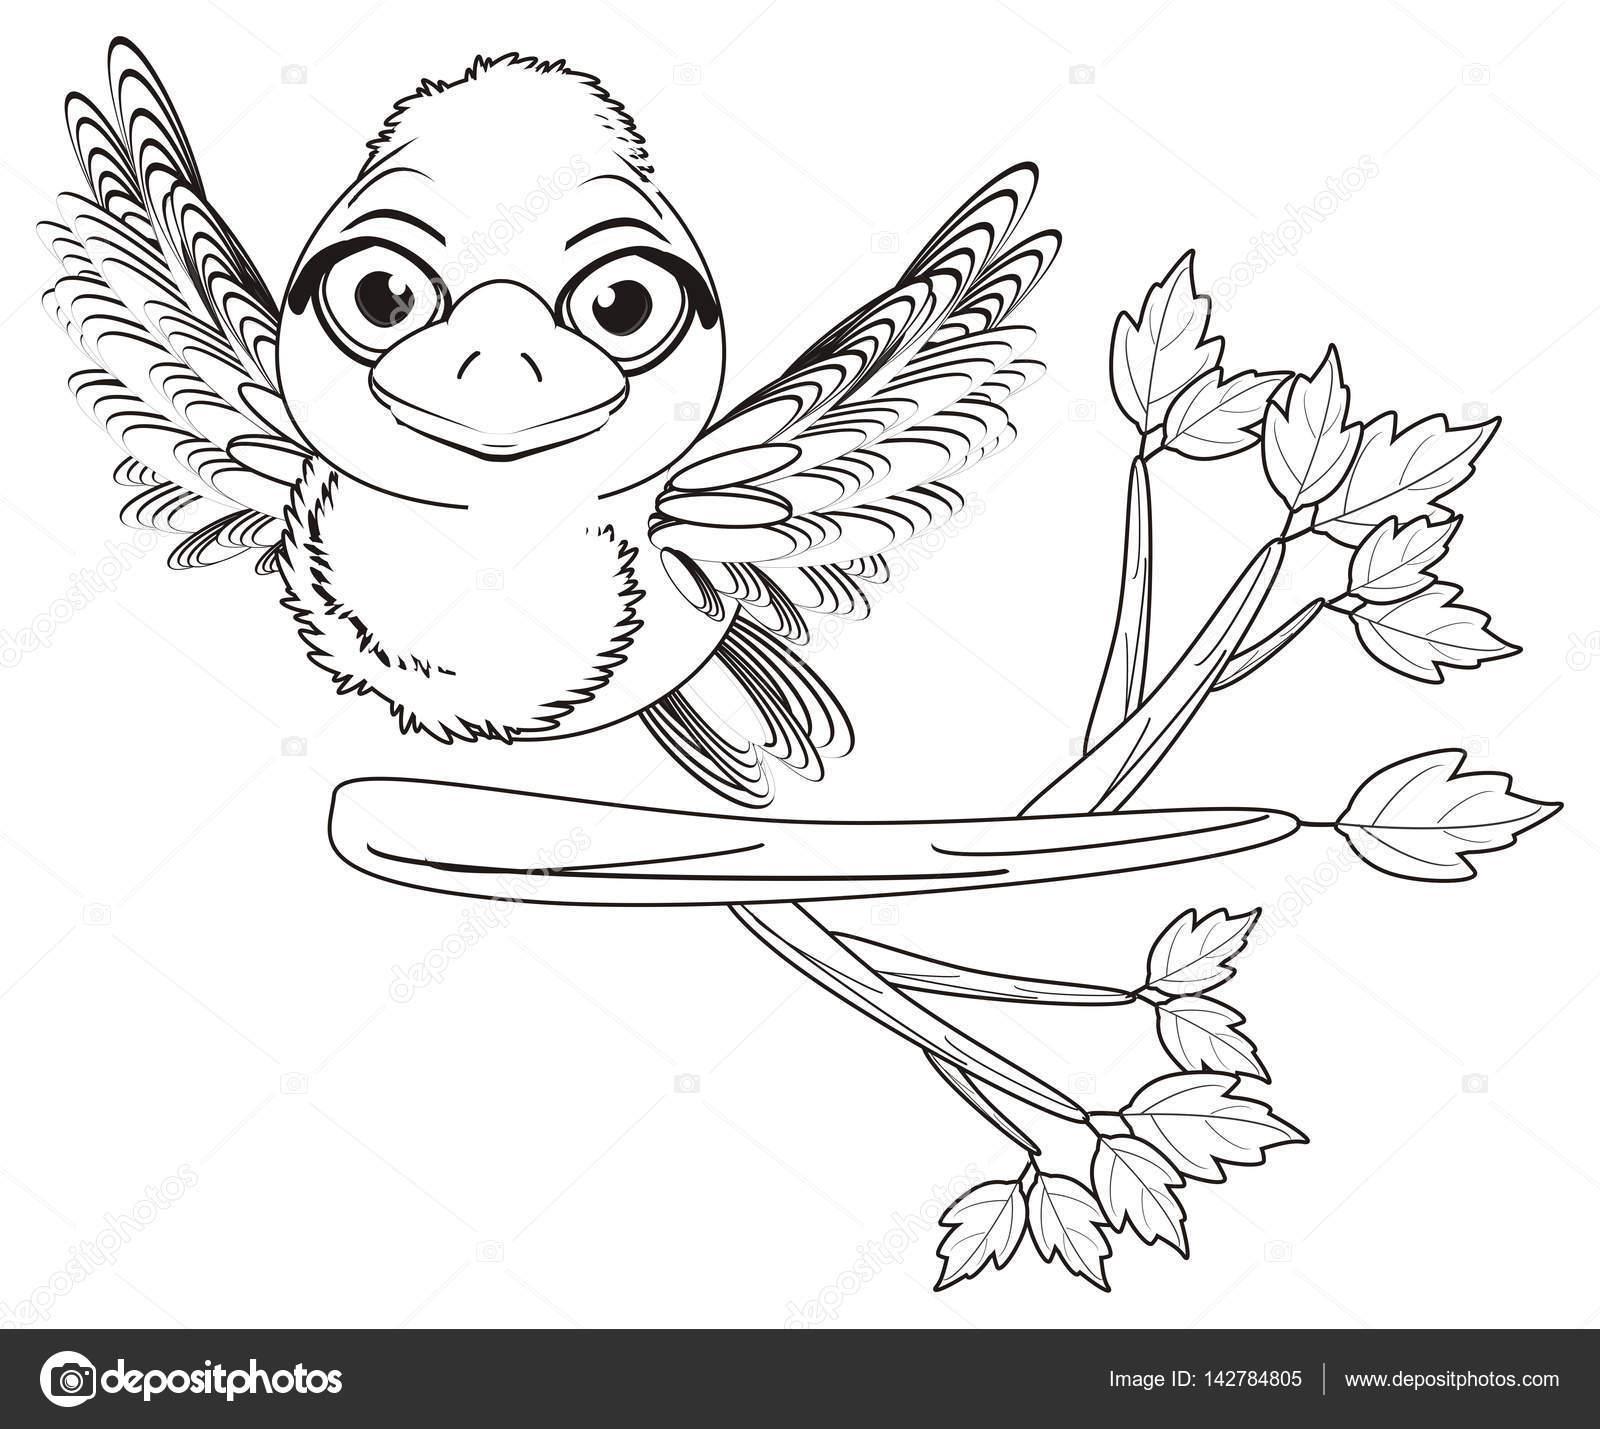 Kleurplaten Vliegende Vogels.Kleurplaten Van De Vogel En Boom Stockfoto C Tatty77tatty 142784805